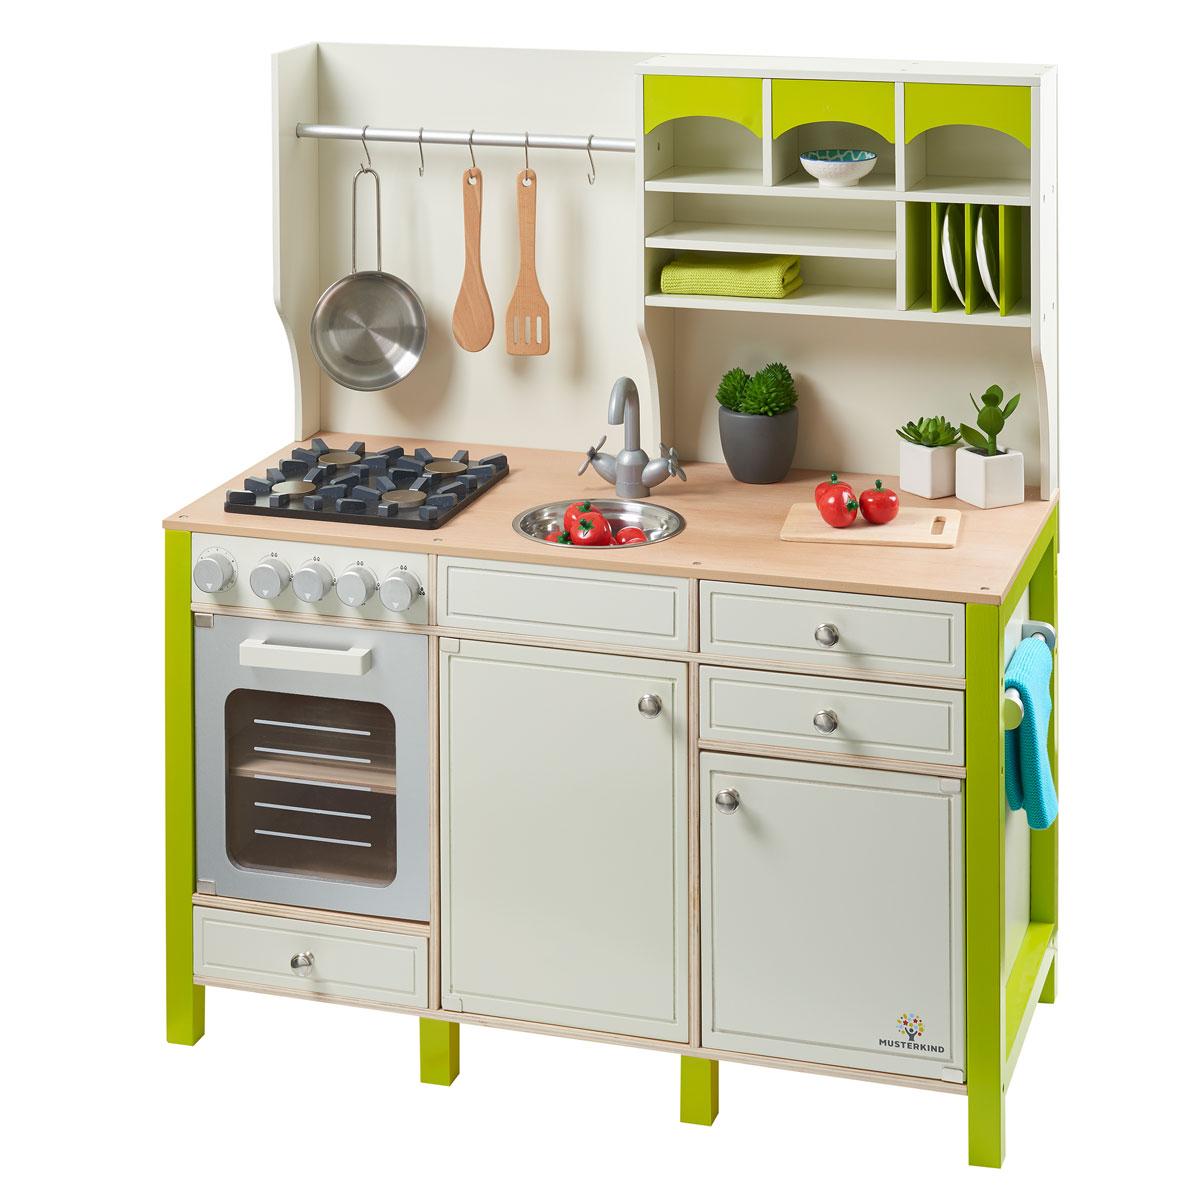 Full Size of Musterkind Spielkche Salvia Grn Aus Holz 101 Pirum Kinder Spielküche Wohnzimmer Spielküche